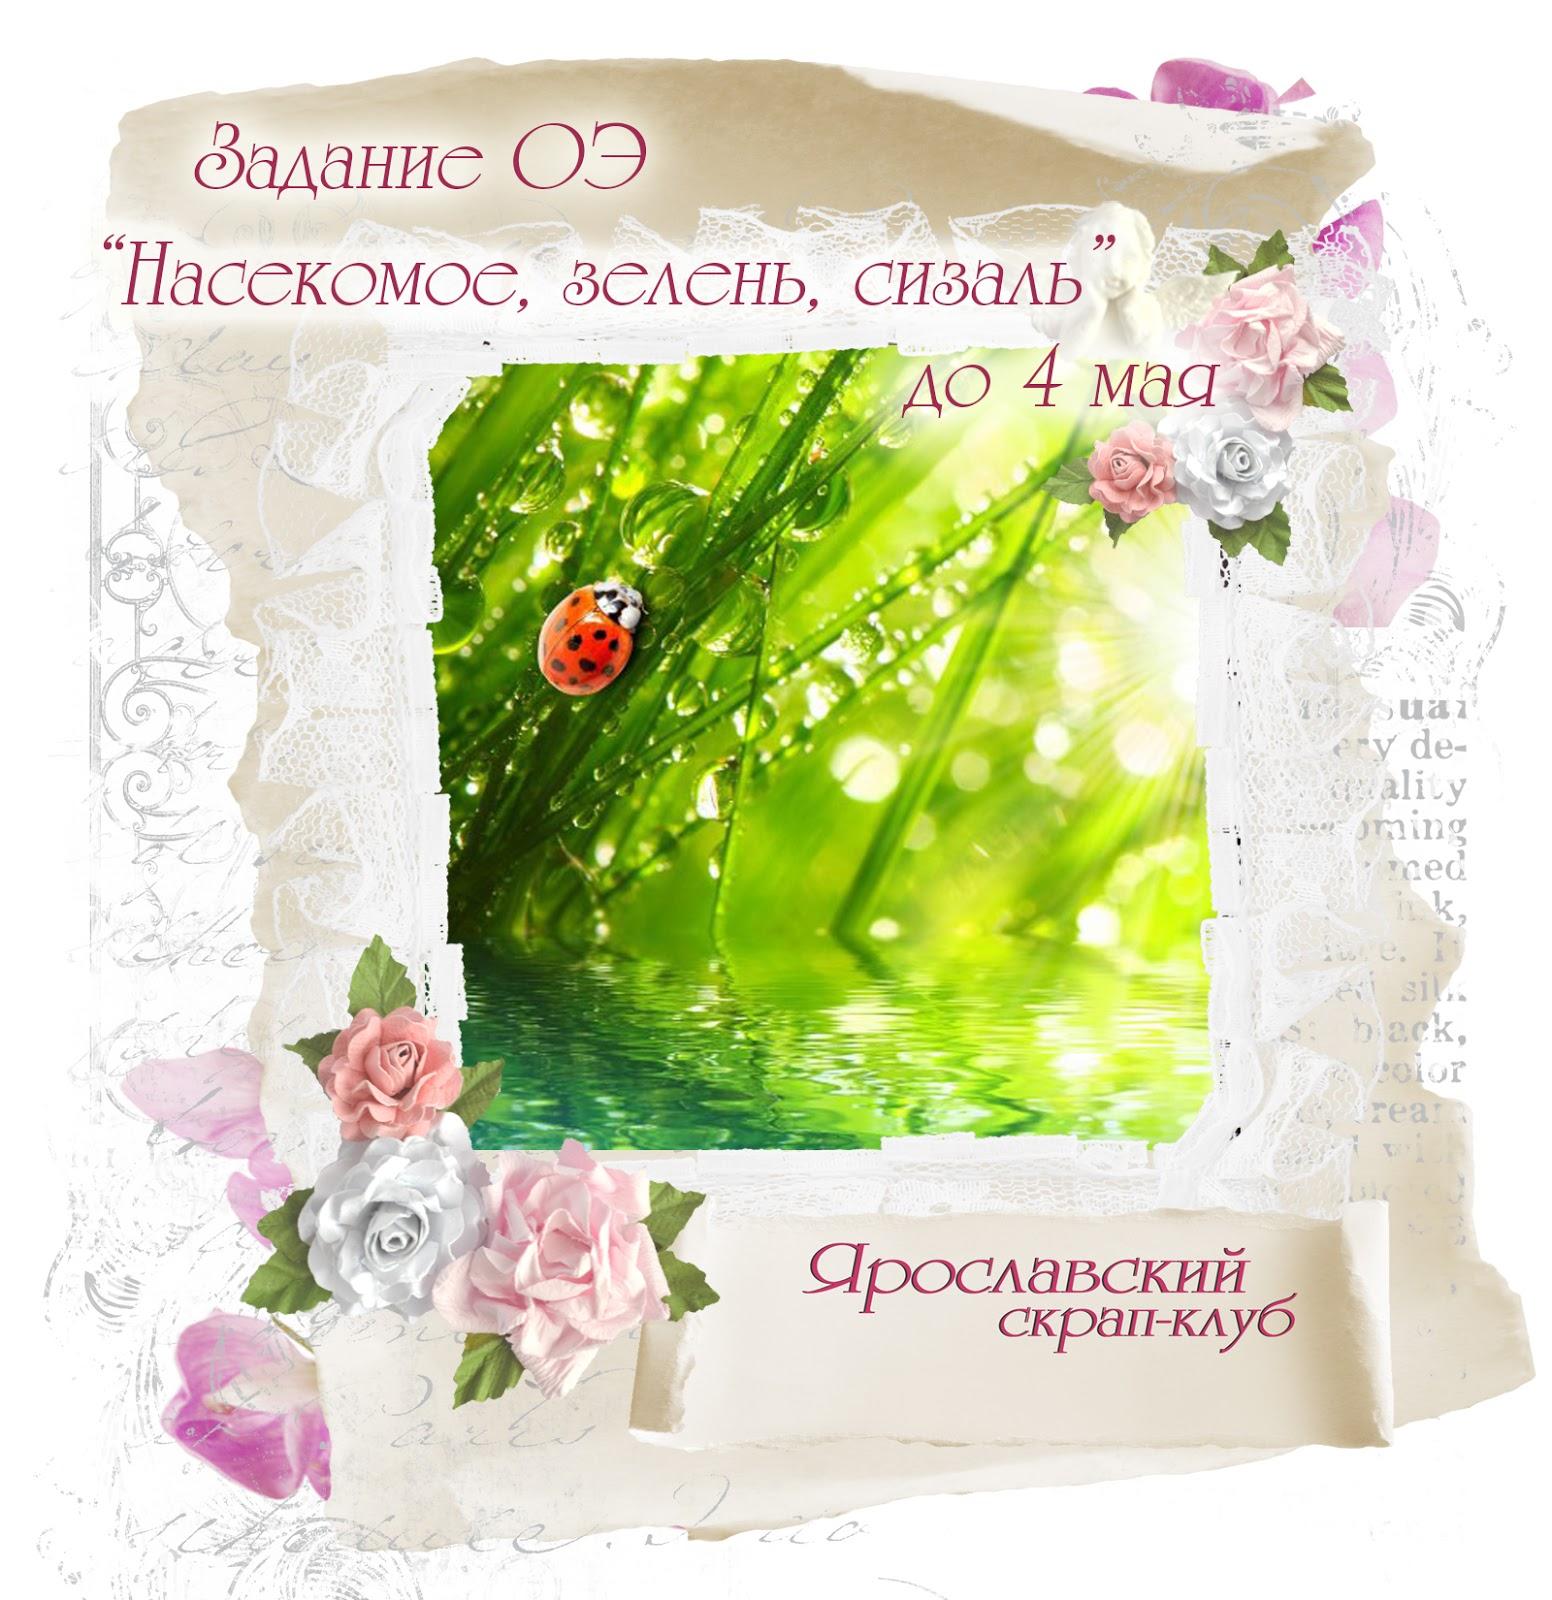 Яраслаўскі СК